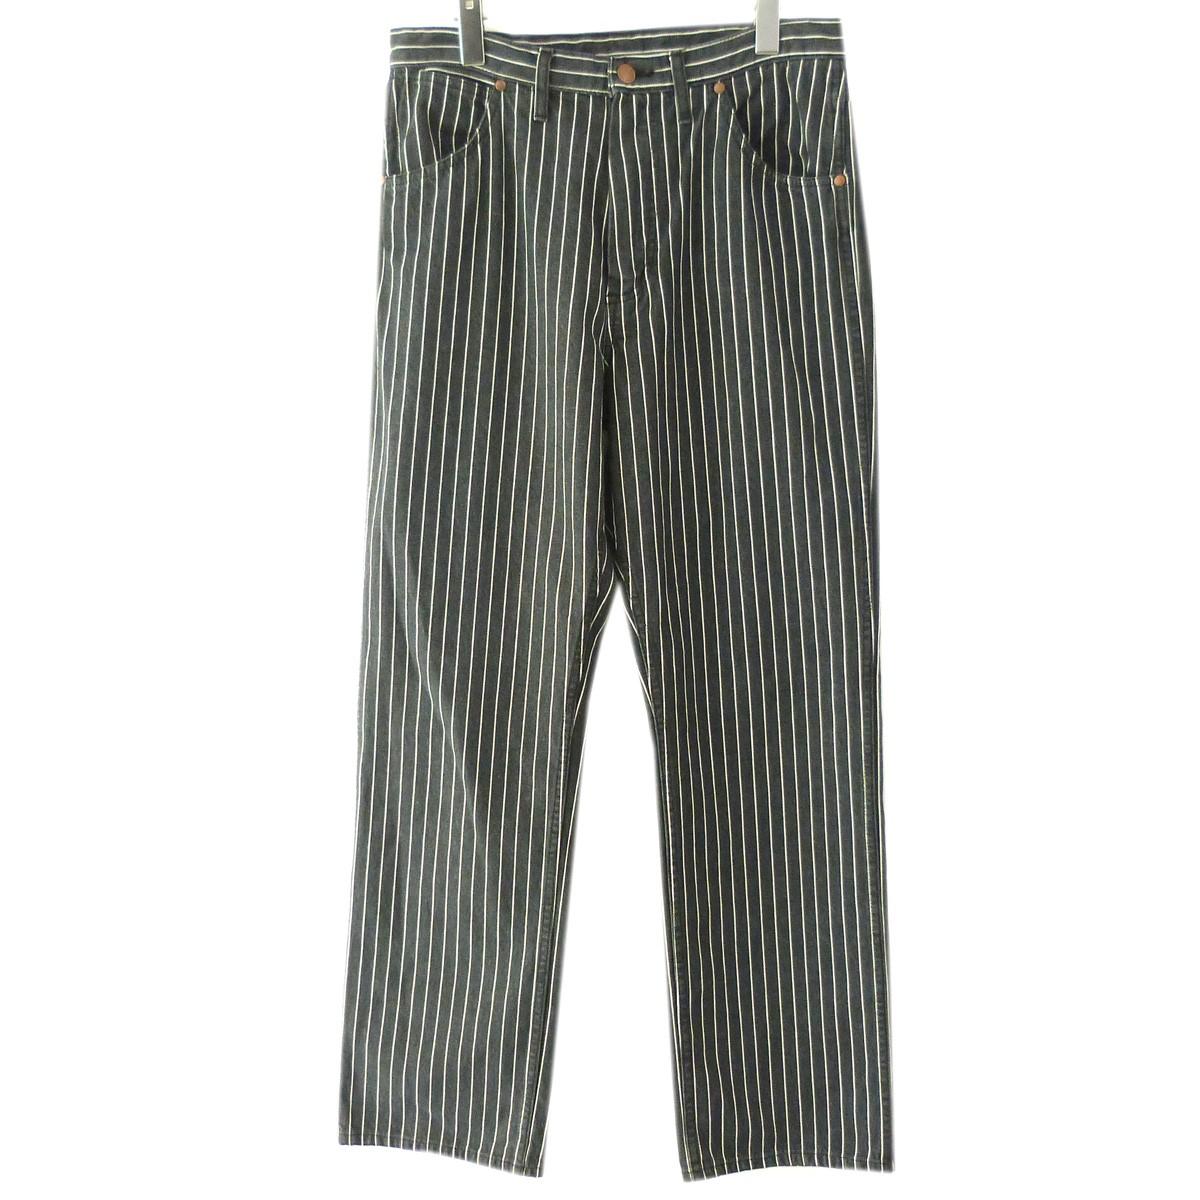 【中古】UNUSED 「12oz stripe denim pants」ストライプデニムパンツ ブラック サイズ:2 【161219】(アンユーズド)